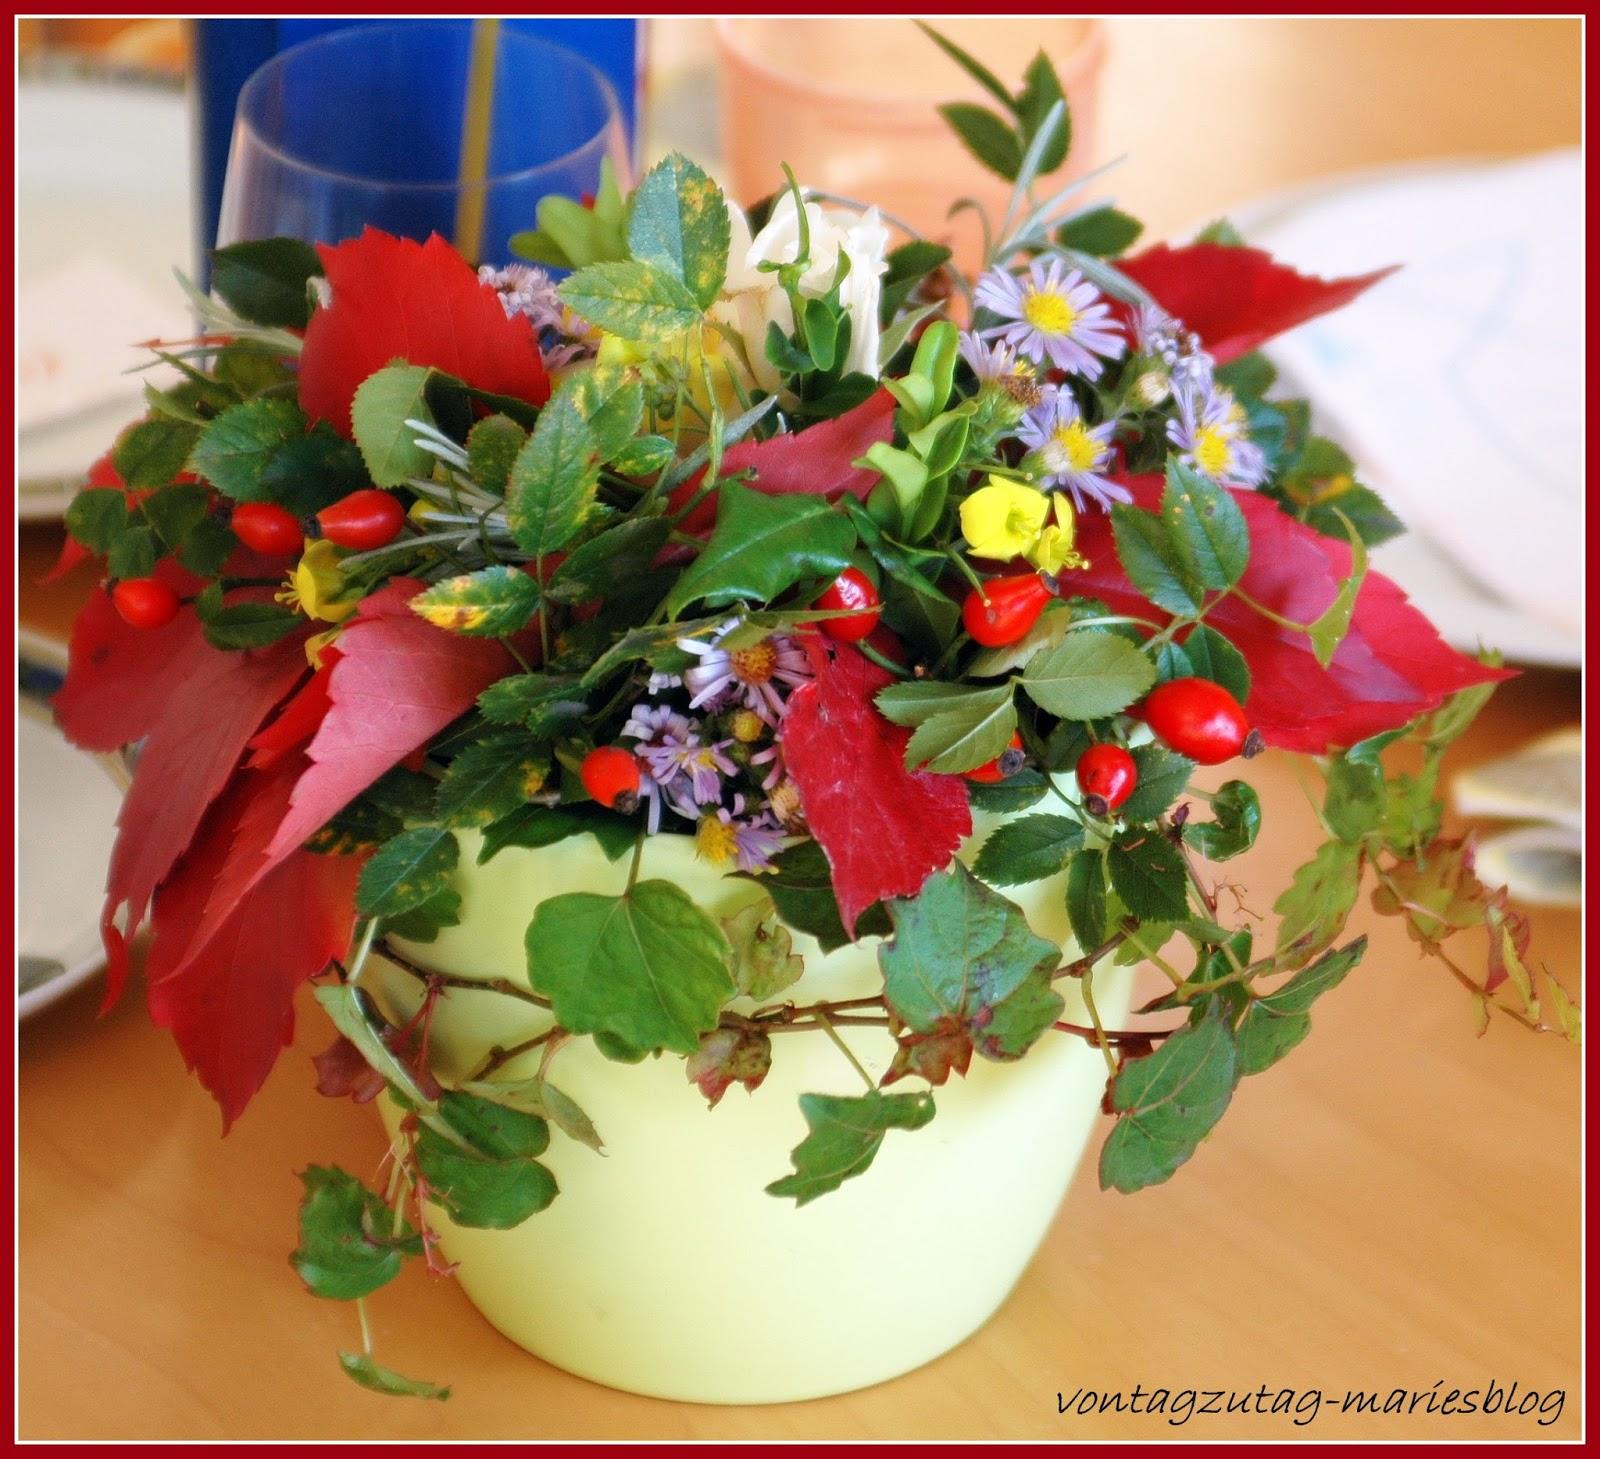 http://vontagzutag-mariesblog.blogspot.co.at/2013/09/herbstliche-tischdekoration.html